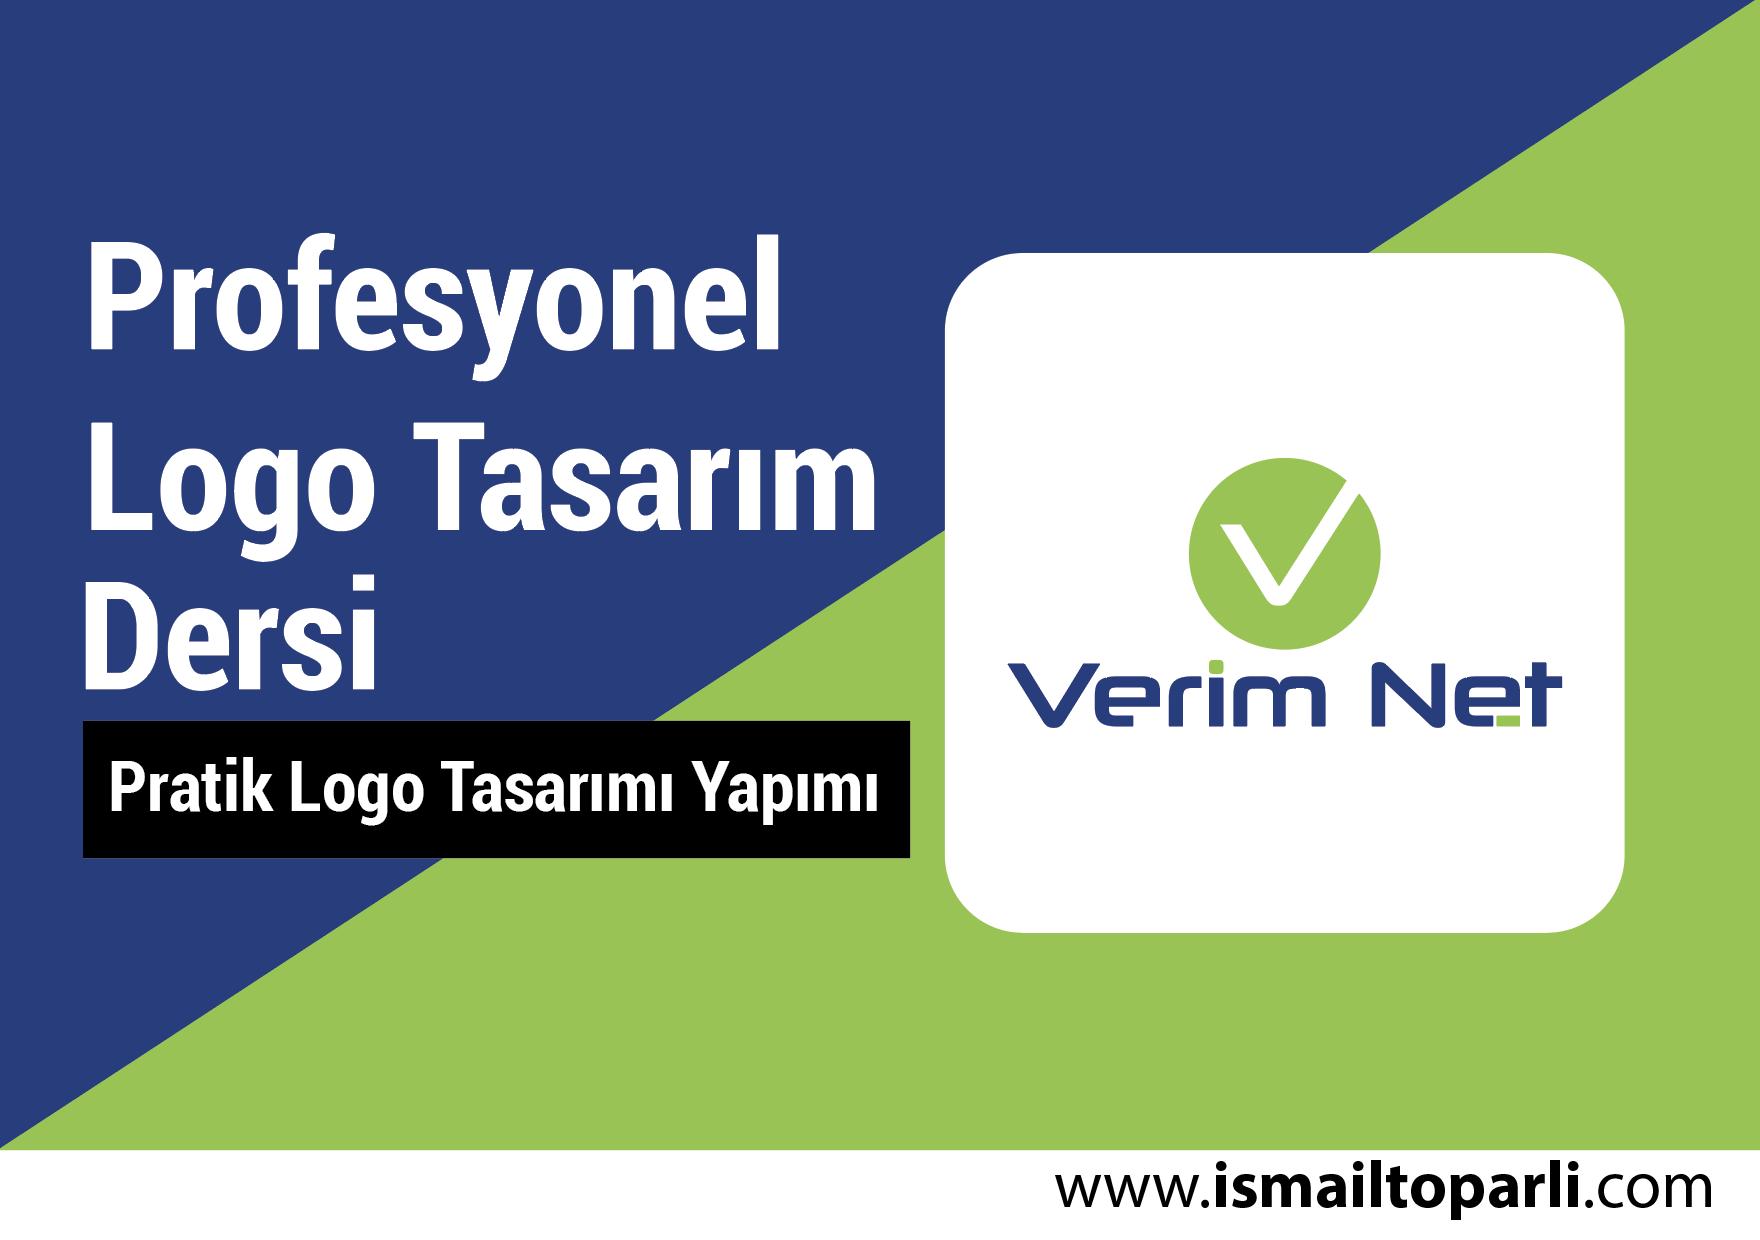 Profesyonel Logo Tasarım Dersi - Pratik Logo Tasarımı Yapımı